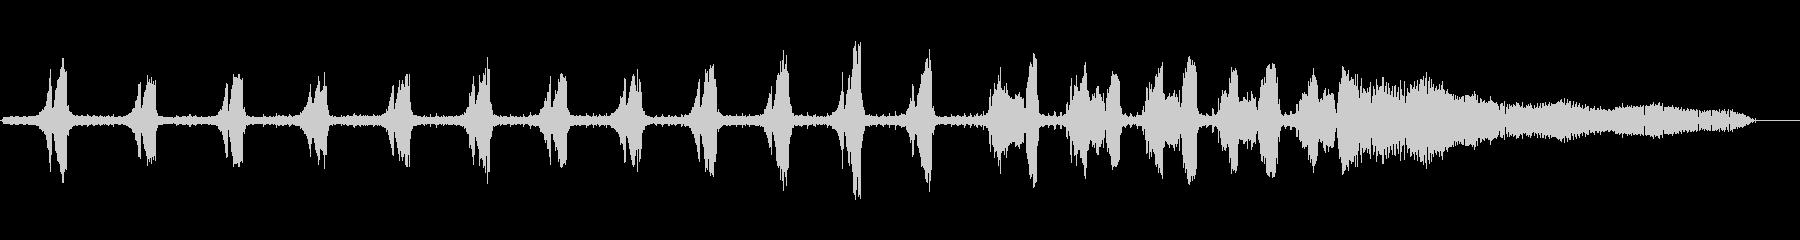 セミ(ツクツクボウシ)の鳴き声_その1の未再生の波形